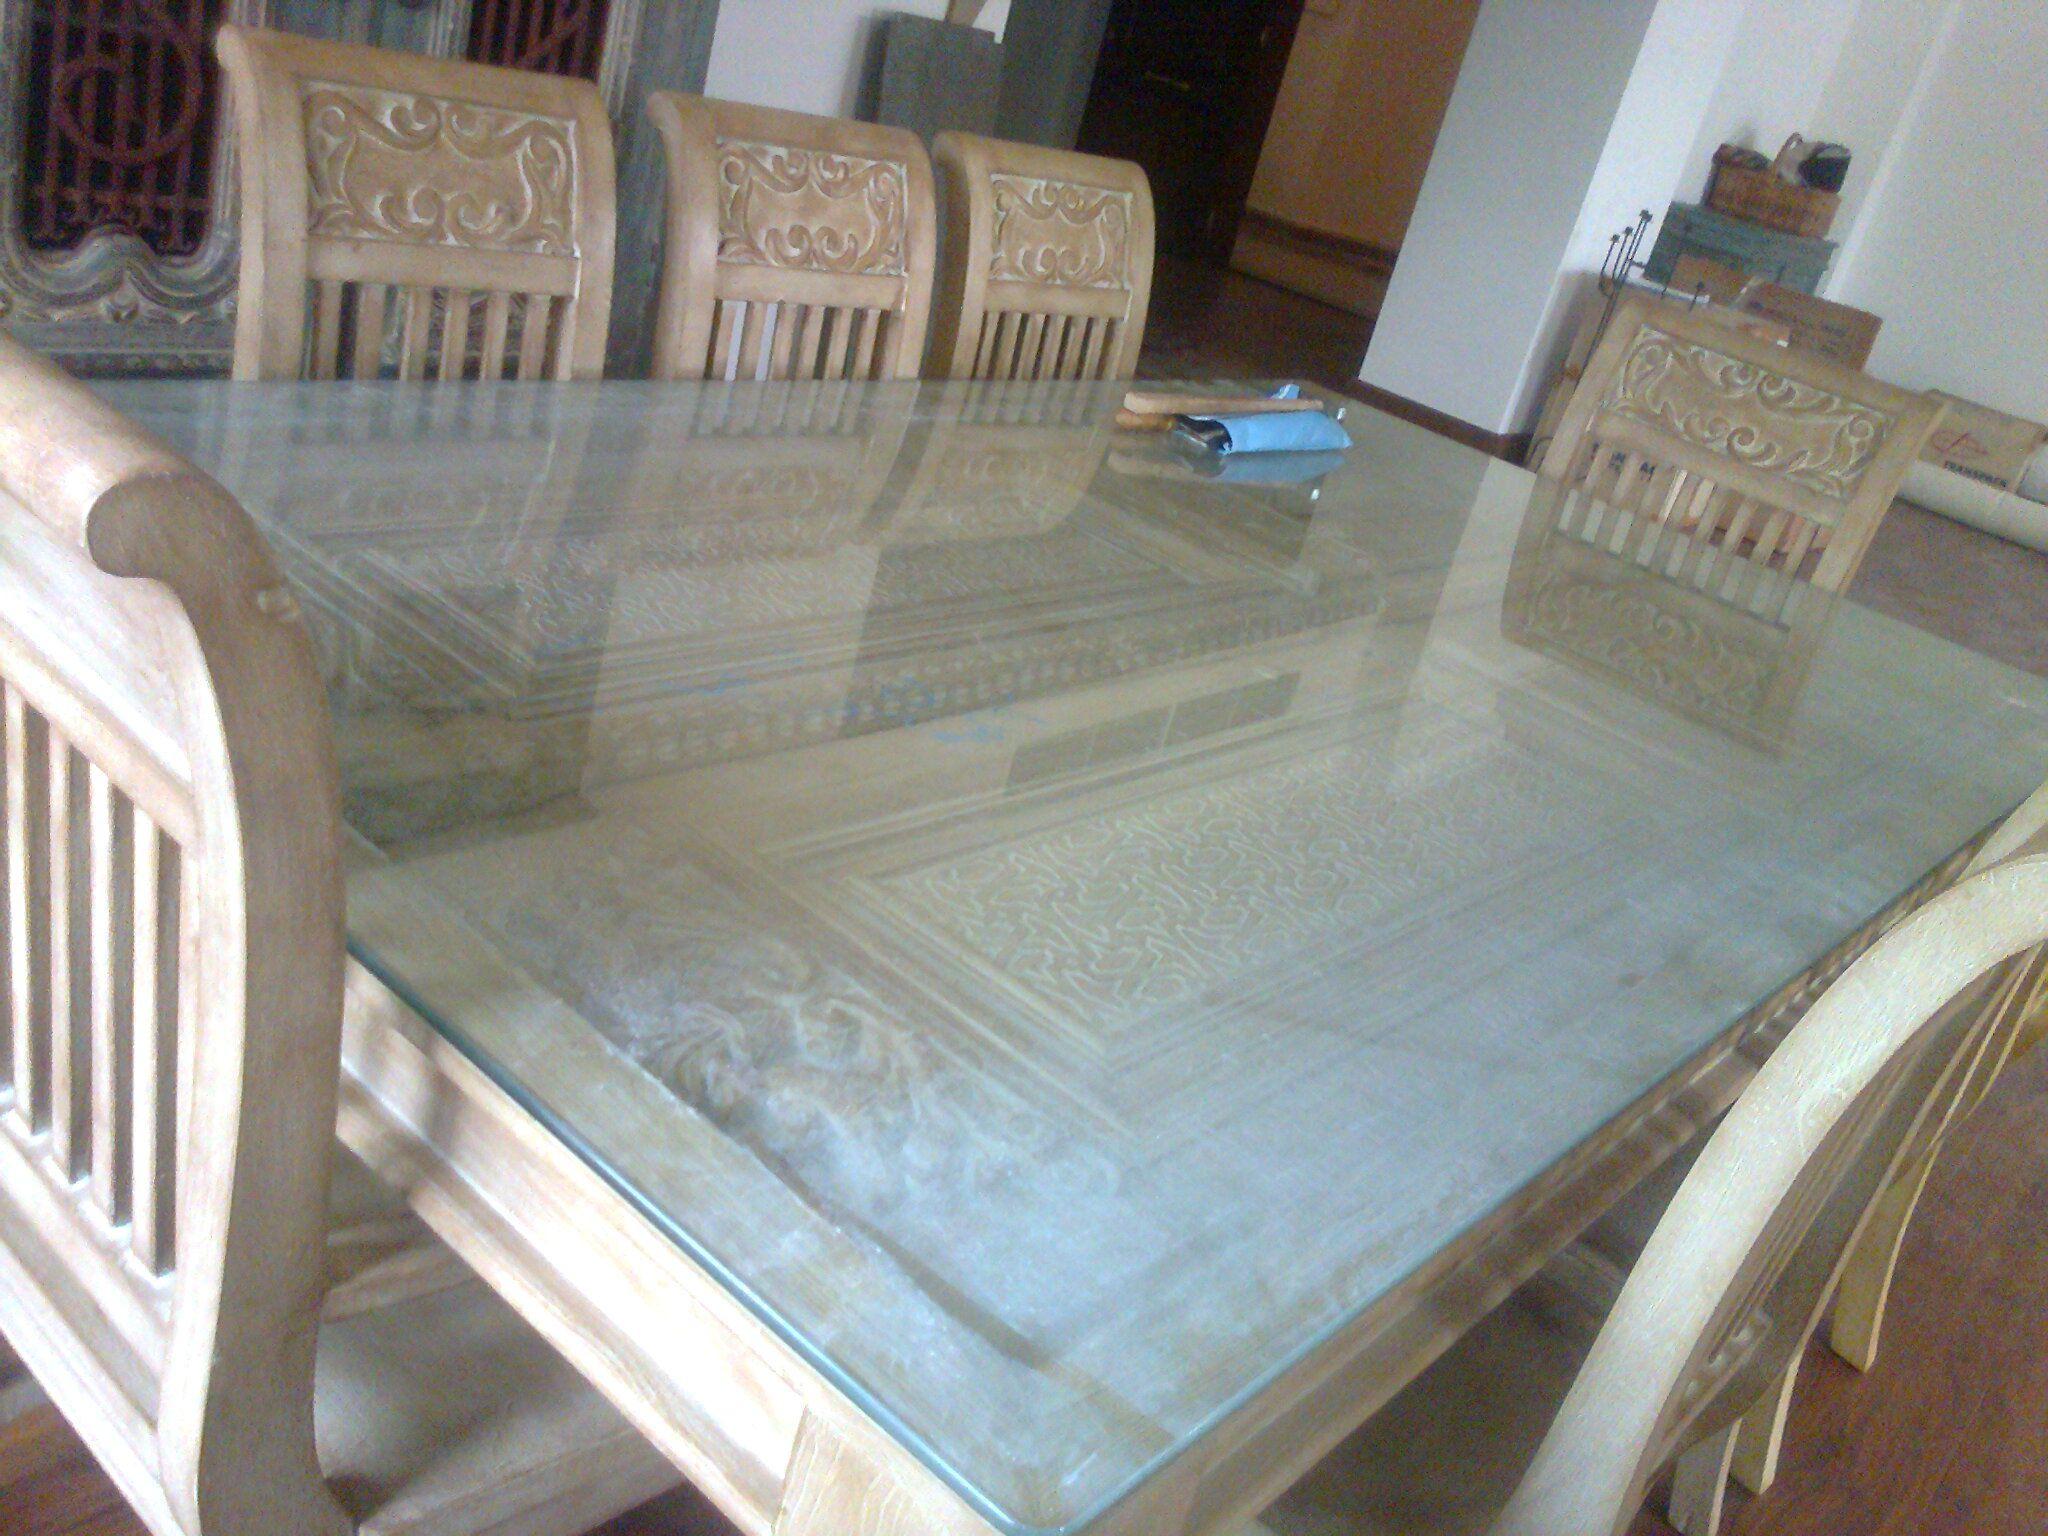 ترابيزة سفرة باستخدام باب قديم Dining Table Using An Old Door Dinning Table Table Furniture